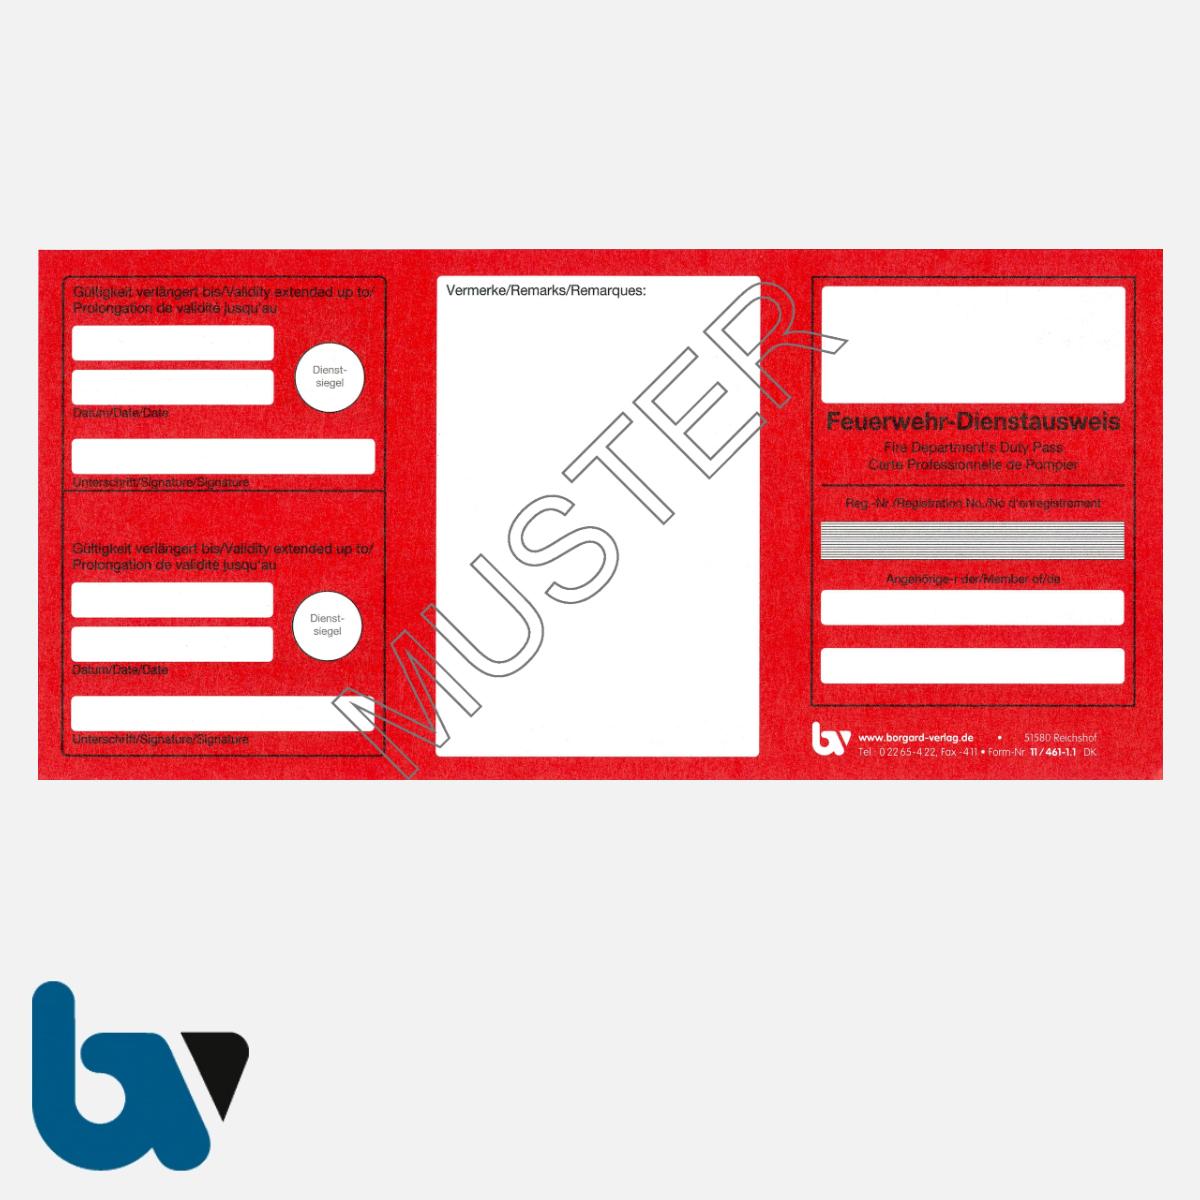 11/461-1.1 Dienstausweis Feuerwehr mehrsprachig rot weiß Neobond VS   Borgard Verlag GmbH